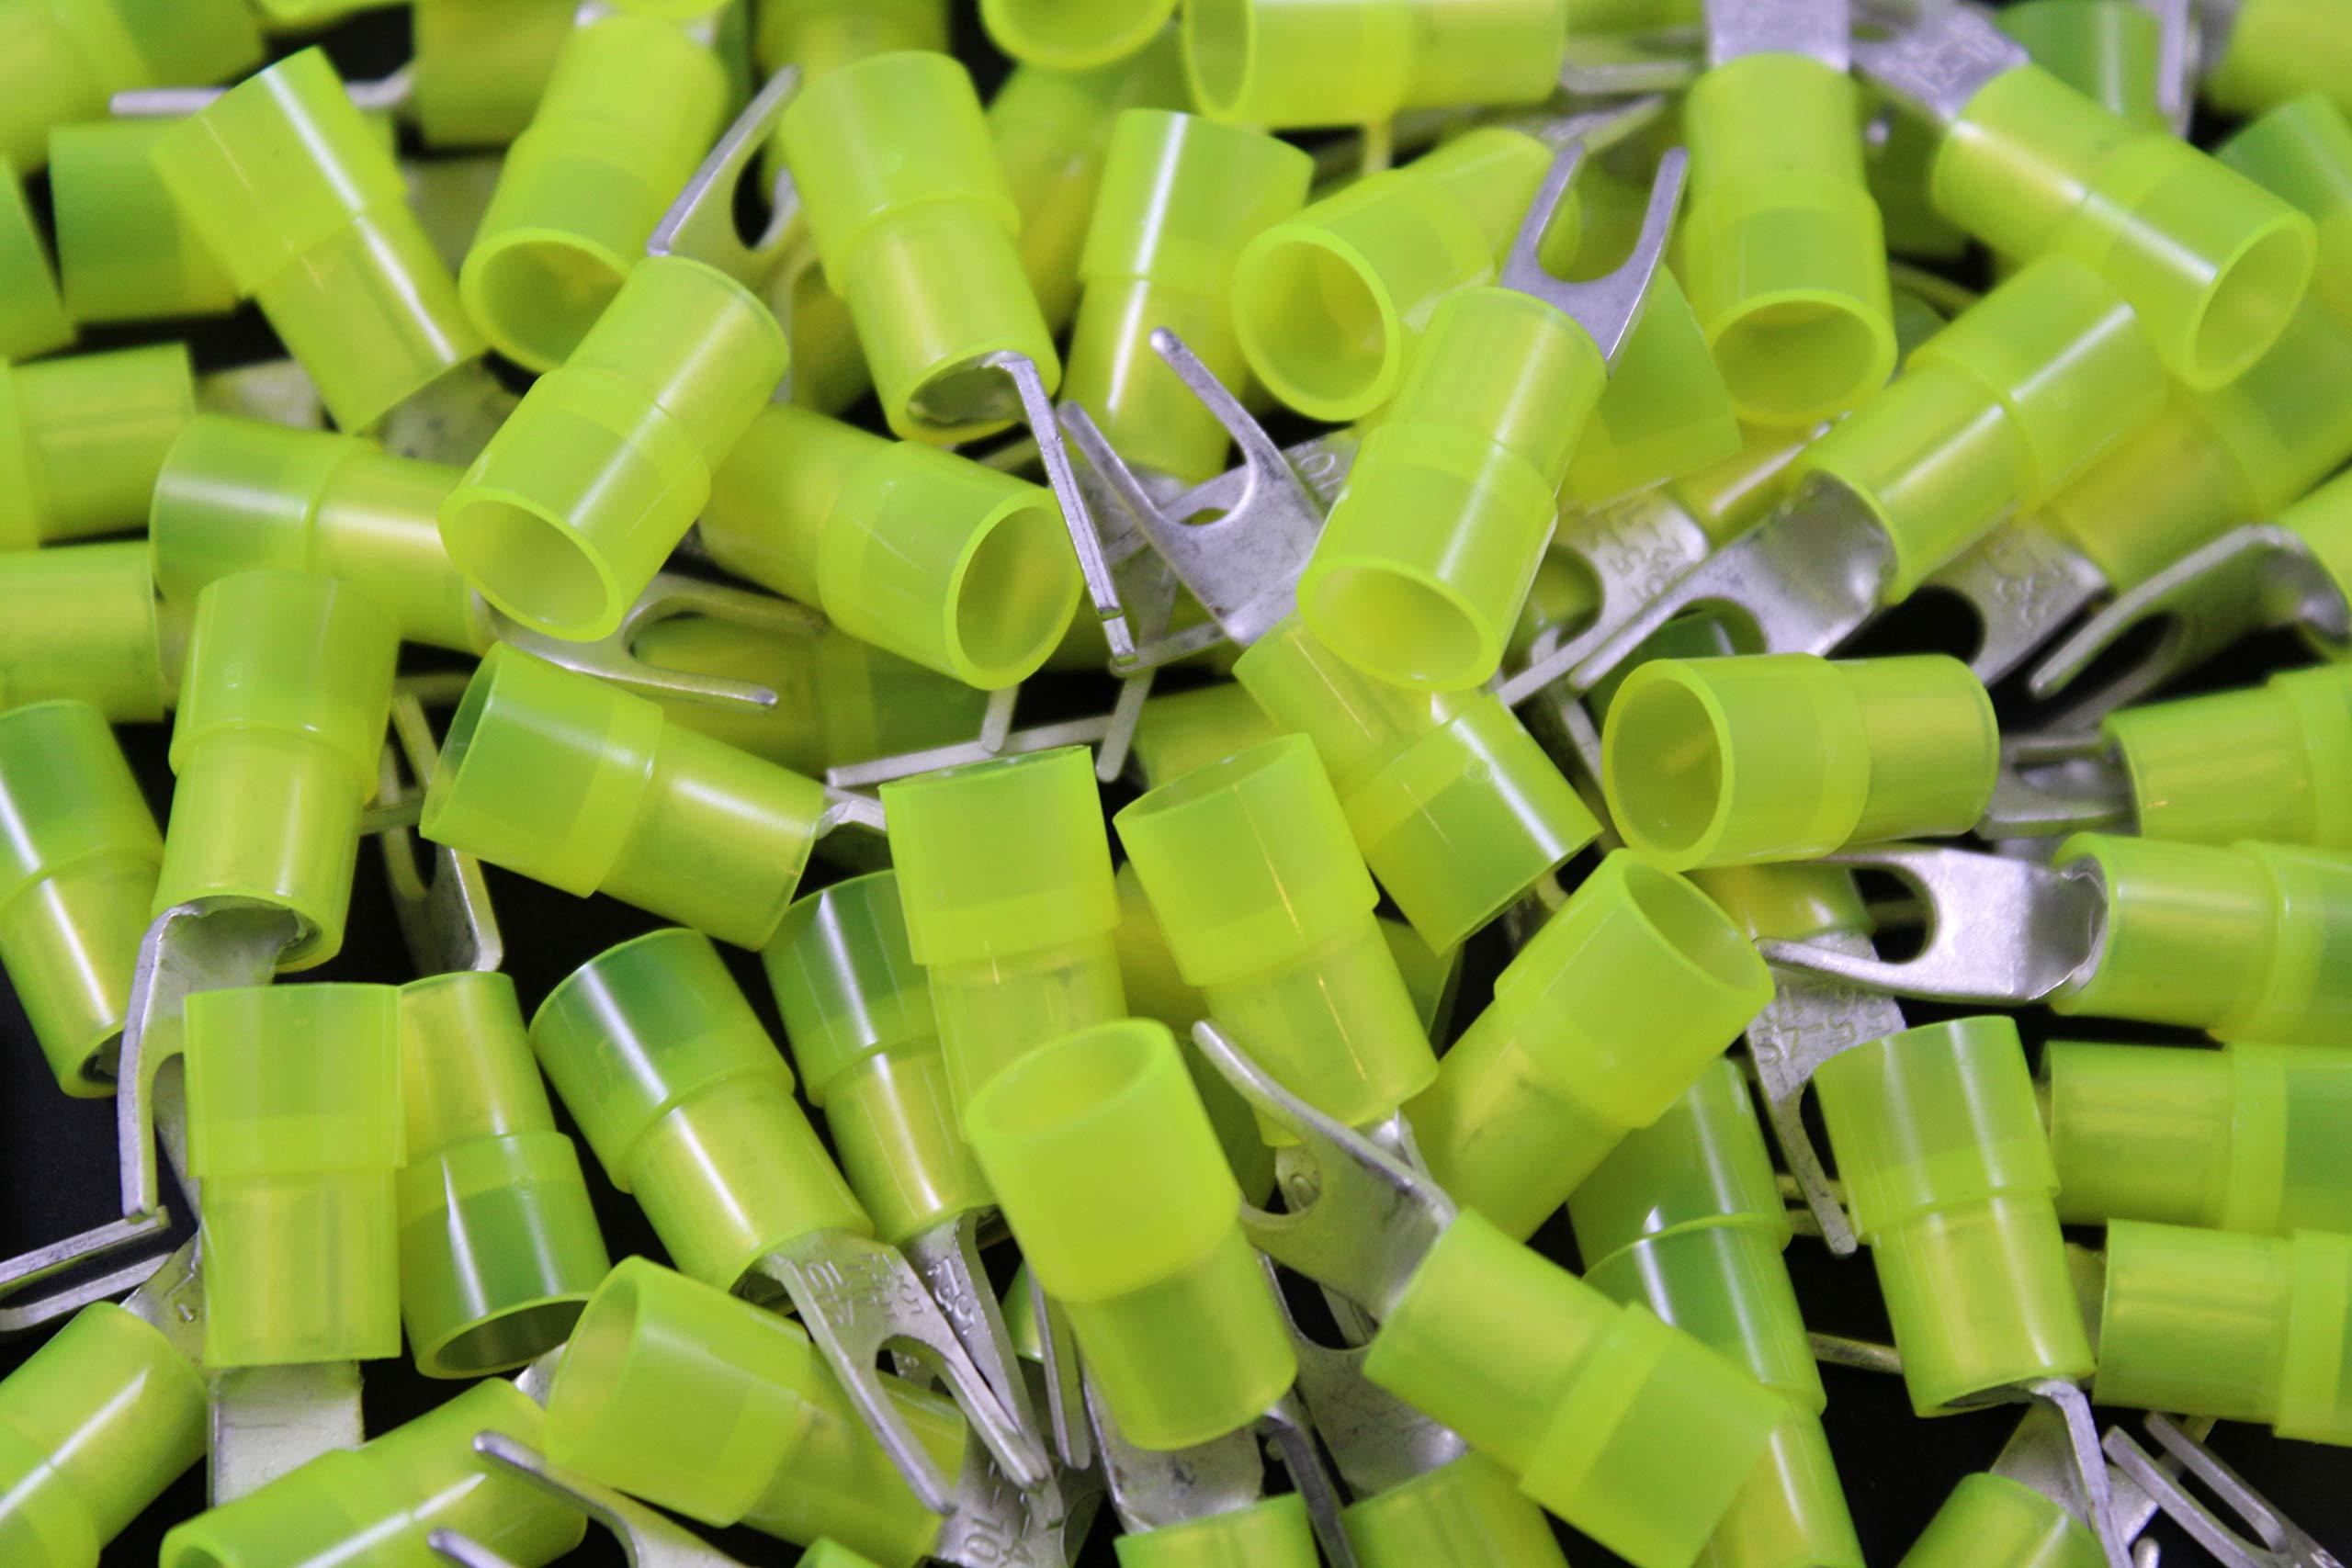 10-12 Gauge Nylon Spade # 8 Connector 500 PK Crimp Terminal AWG Electrical